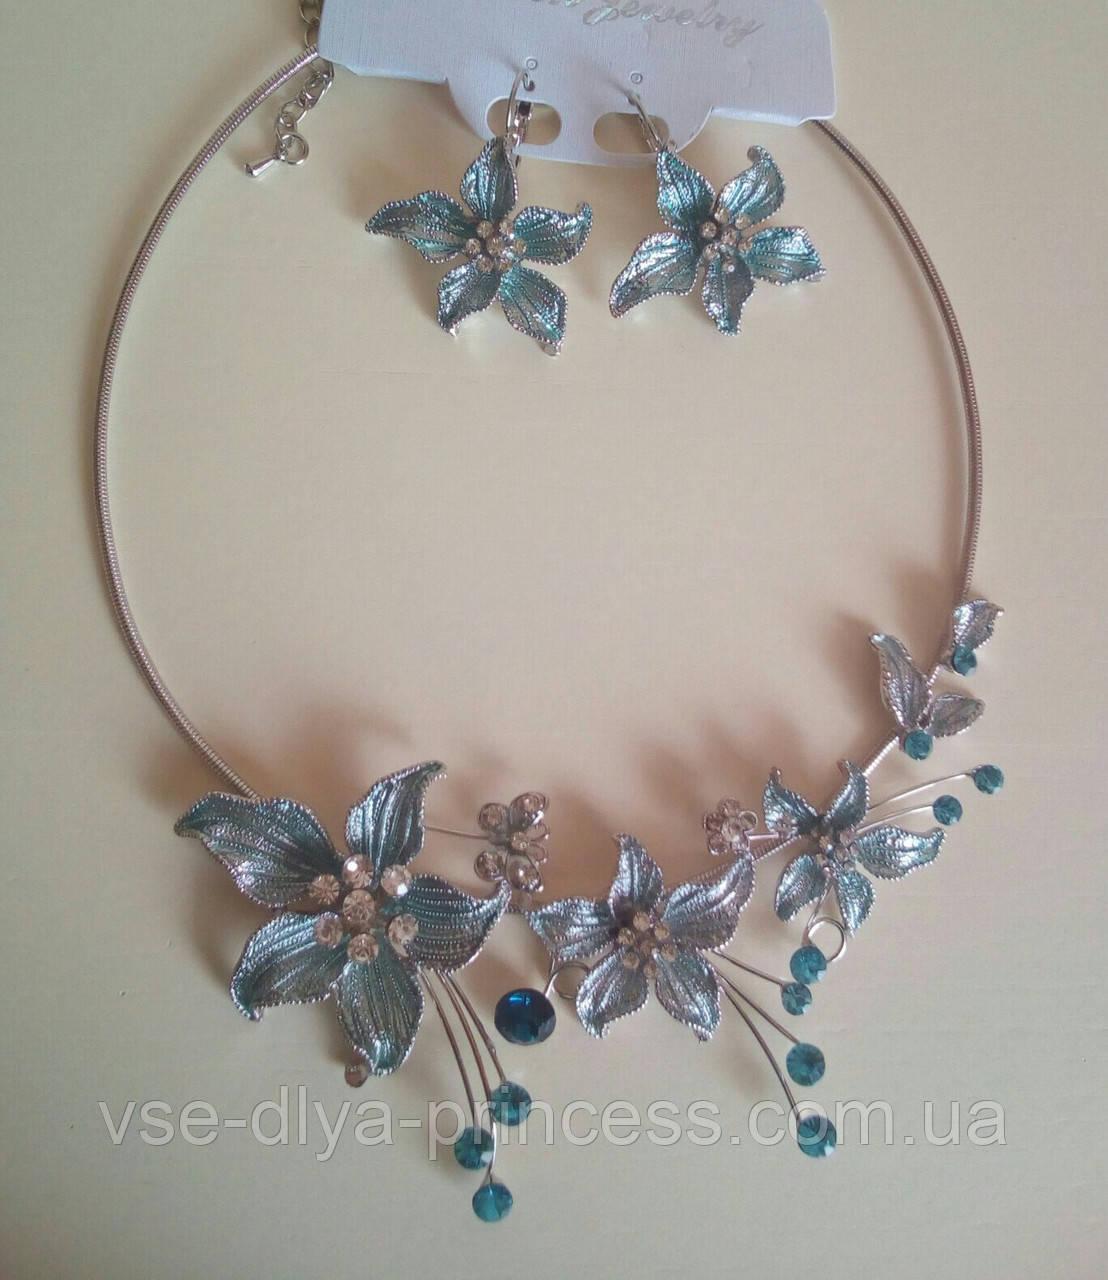 Набір біжутерії під срібло з блакитними квітами та різнокольоровими каменями, кольє і сережки